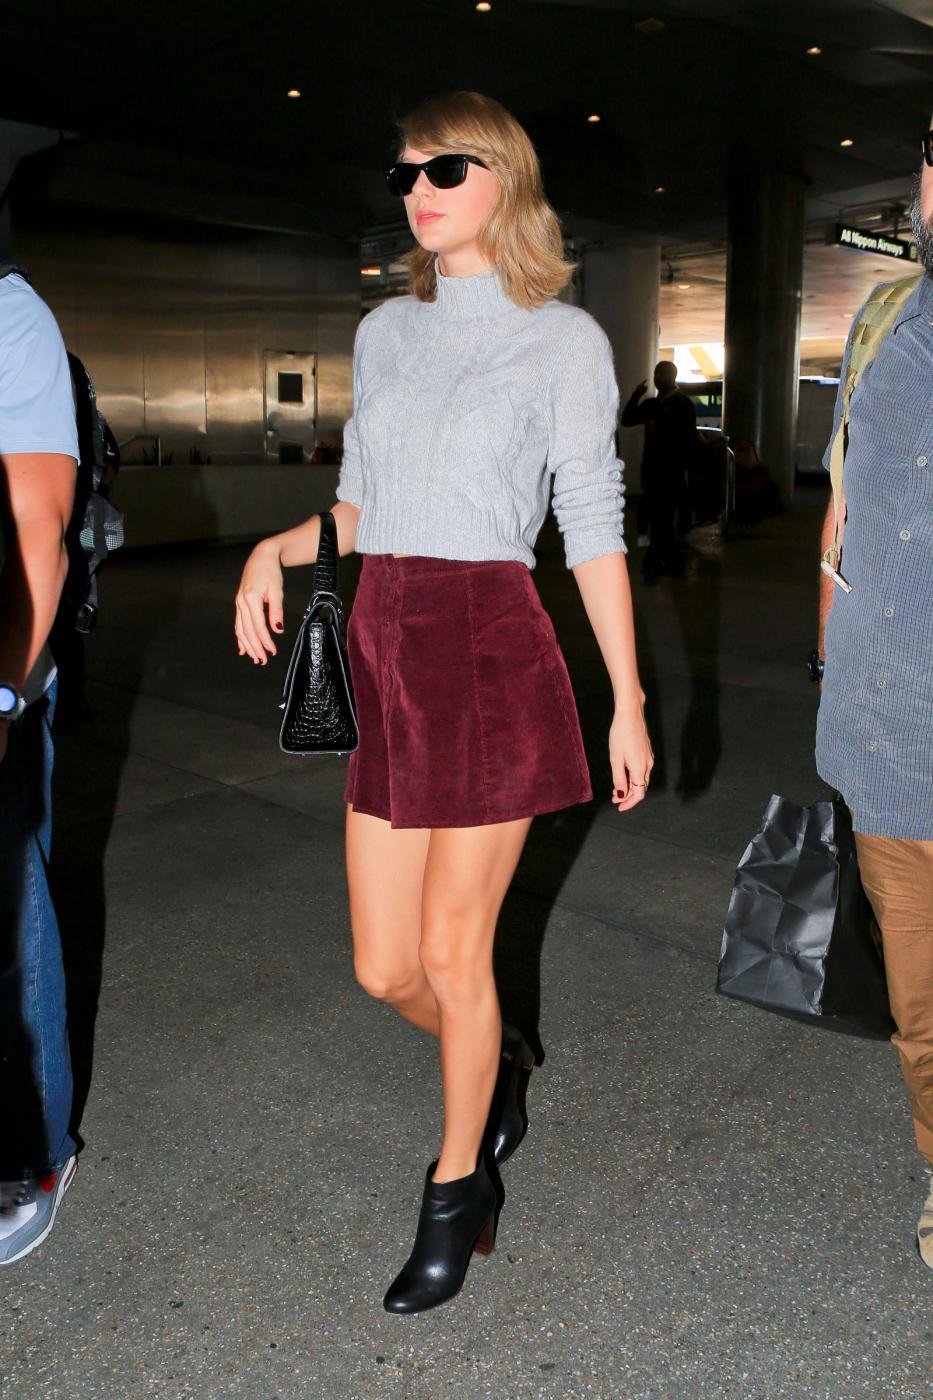 Taylor Swift: minigonna, tacchi e gambe in vista FOTO